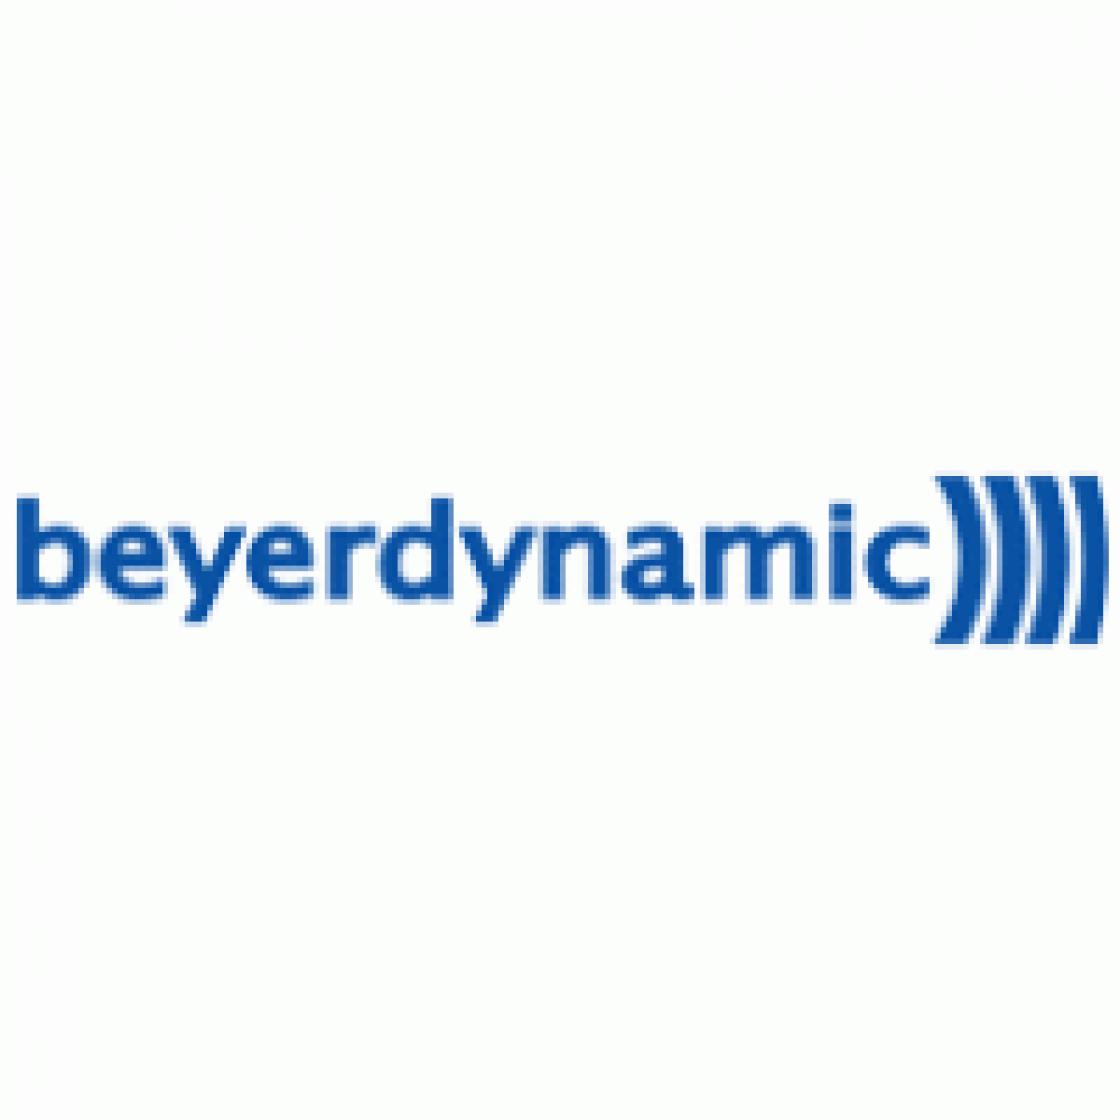 Beyerdynamic Muziek studio Koptelefoons